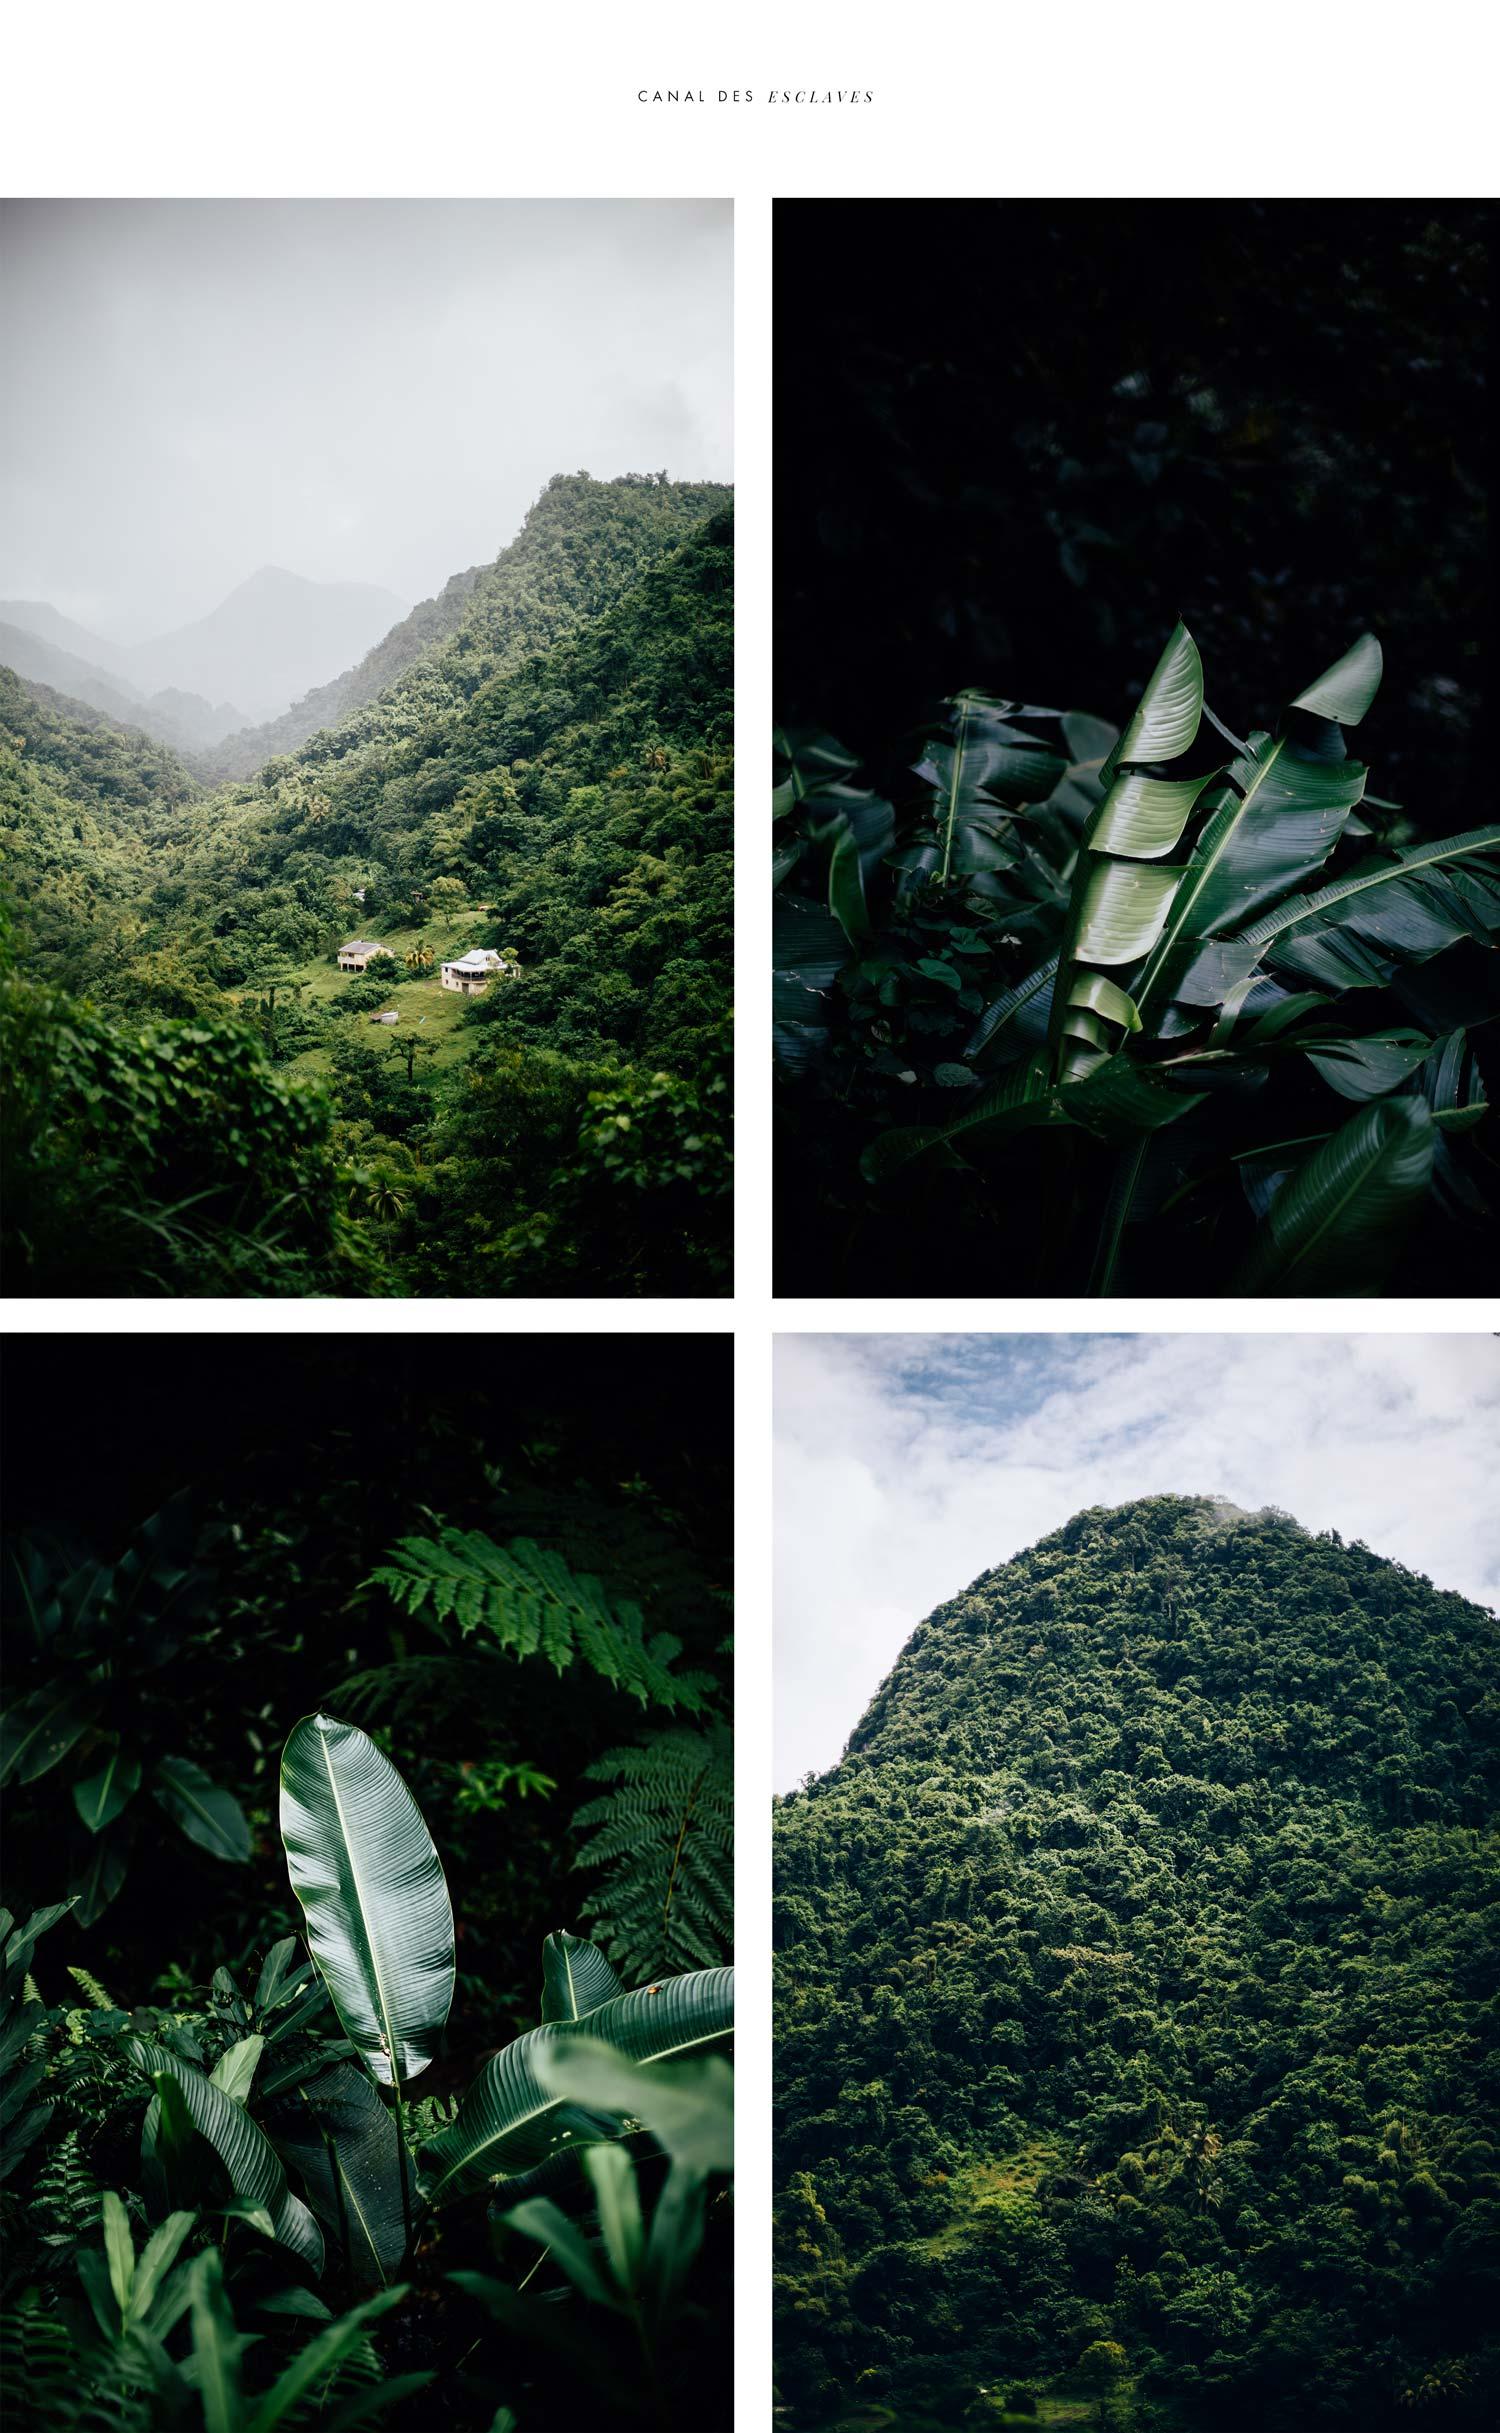 rando canal des esclaves Martinique